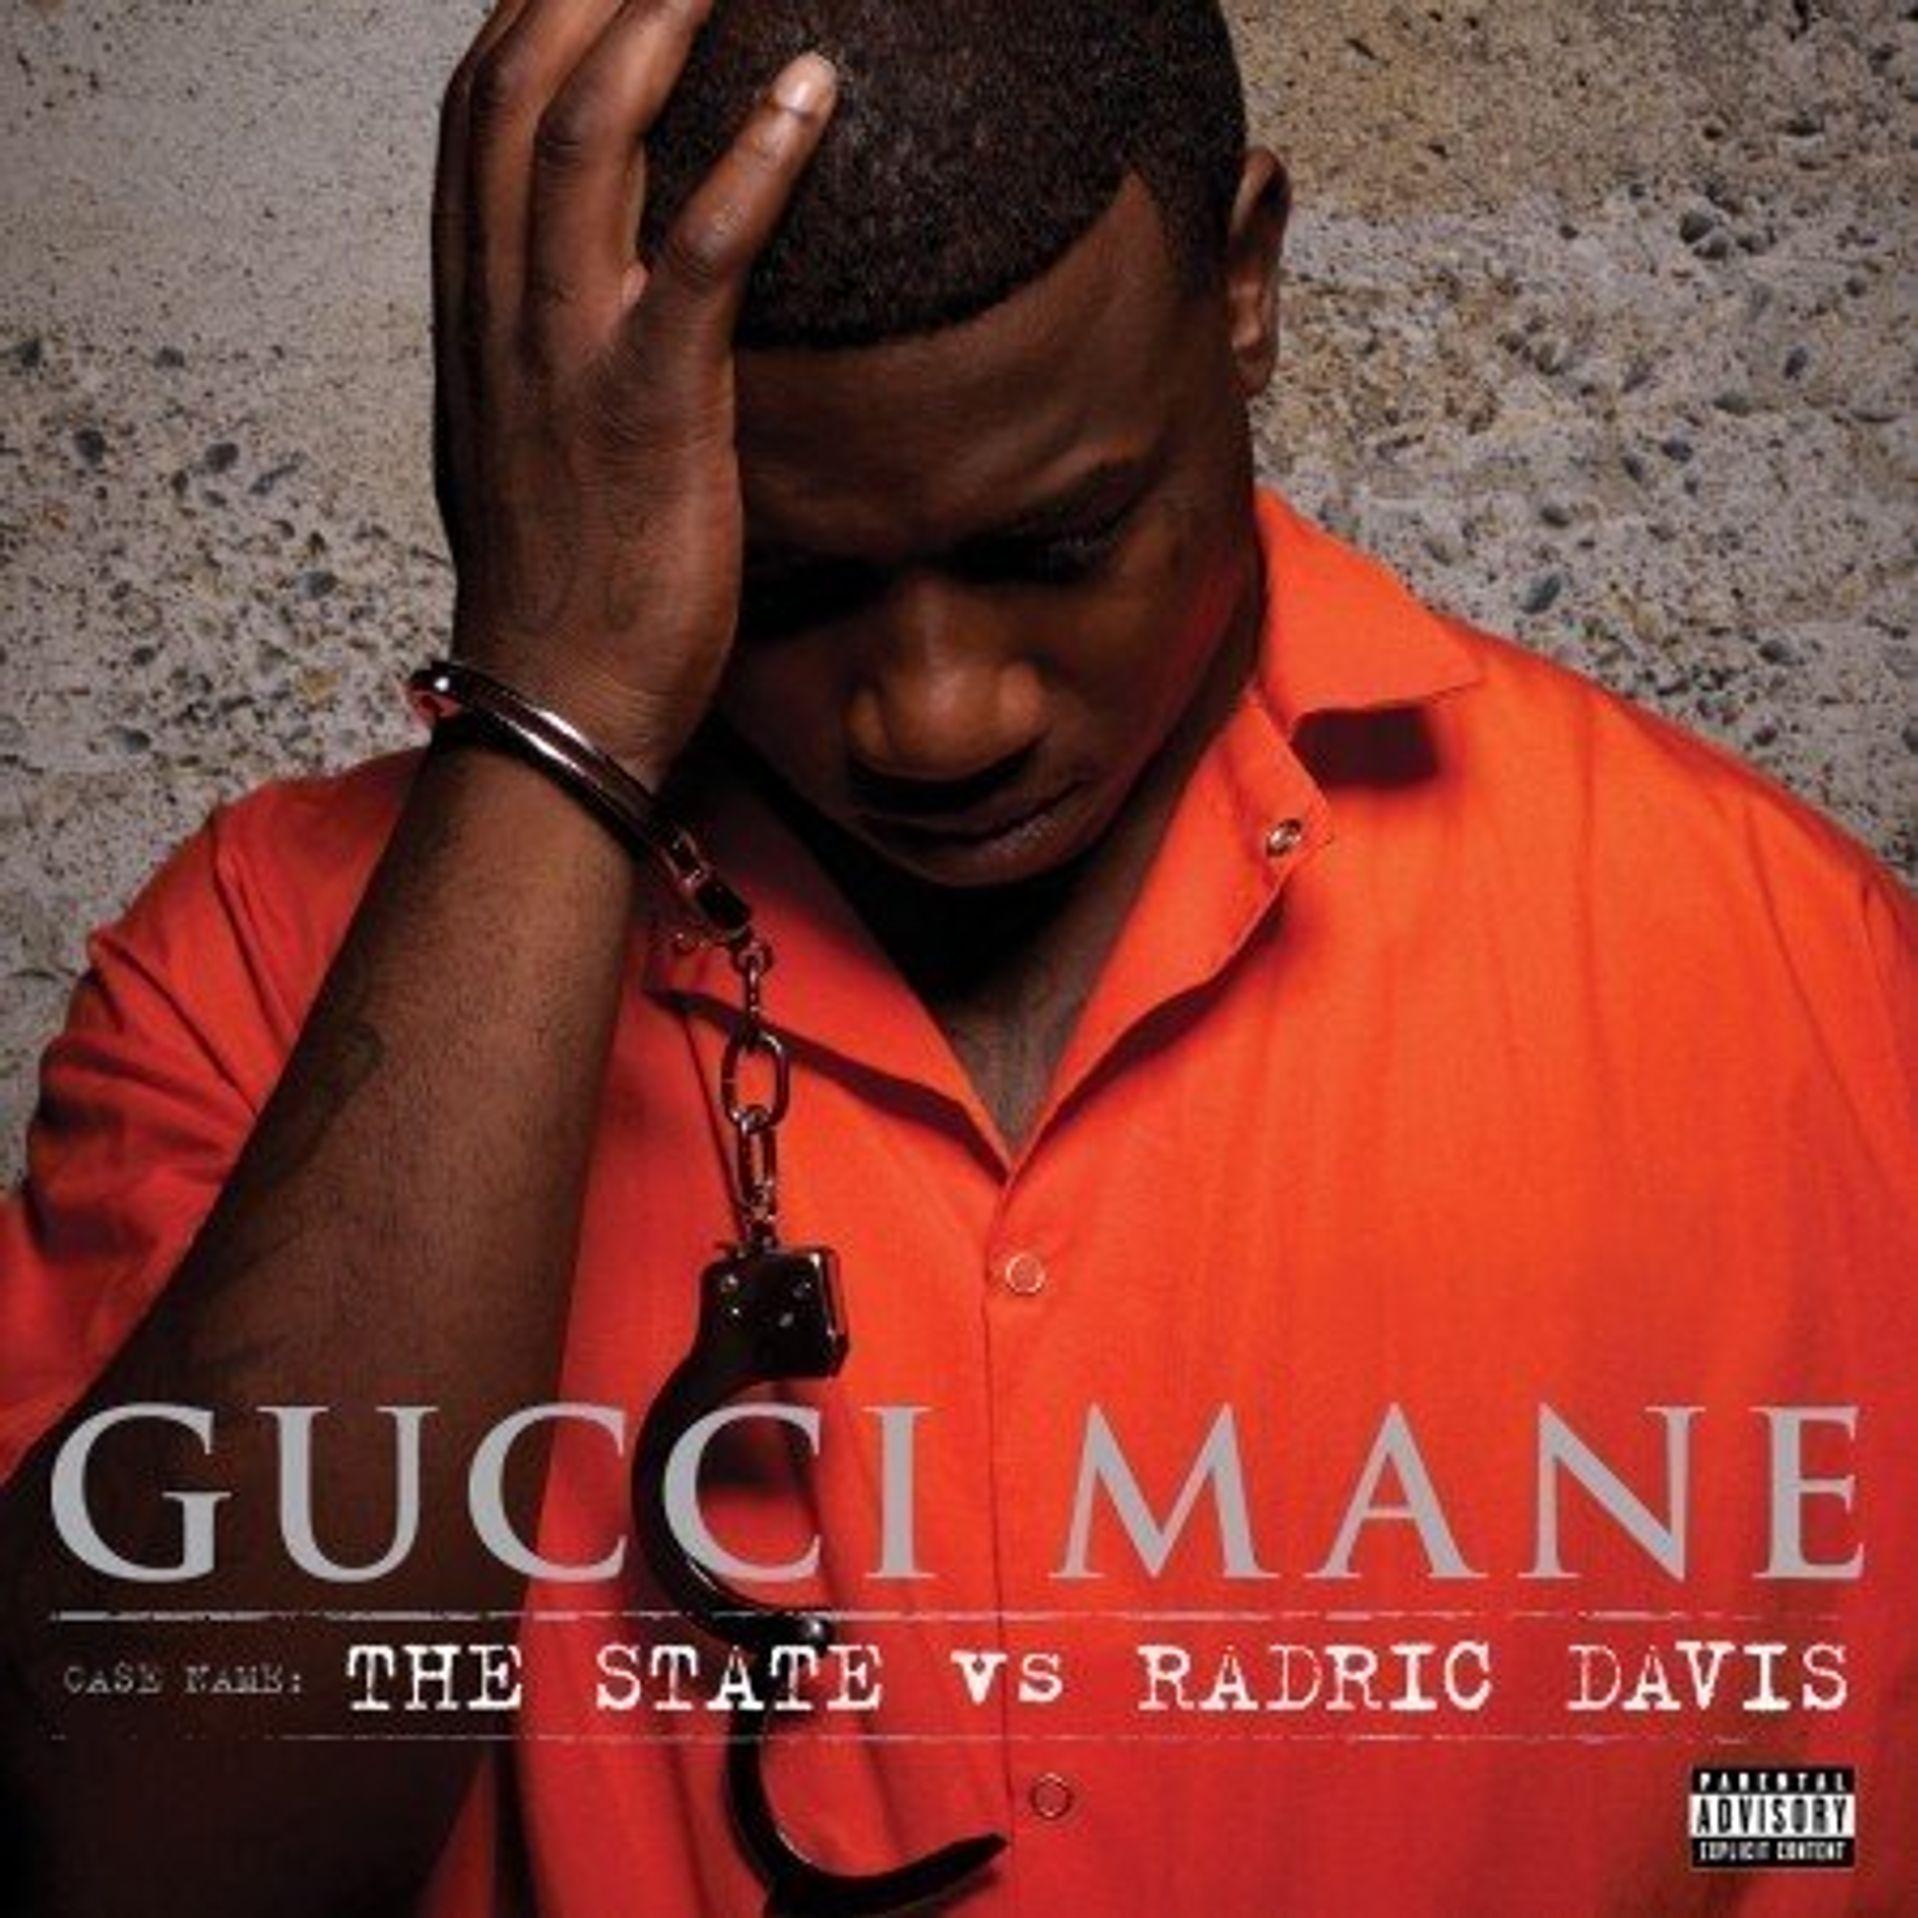 Album Title: The State vs. Radric Davis by: Gucci Mane